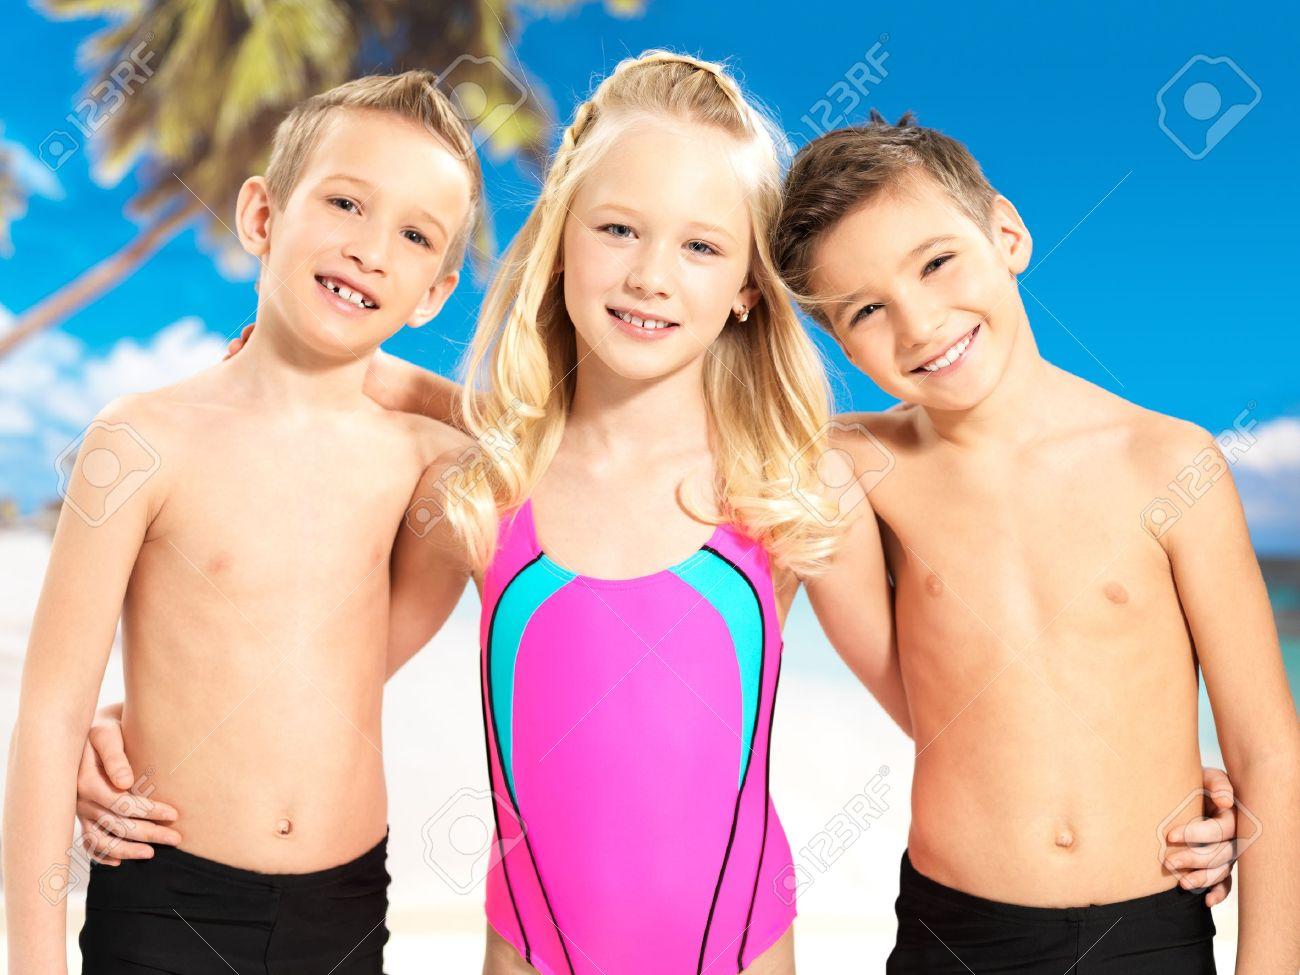 archivio fotografico ritratto dei bambini felici che godono in spiaggia bambini scolaro in piedi insieme in costume da bagno di colore luminoso